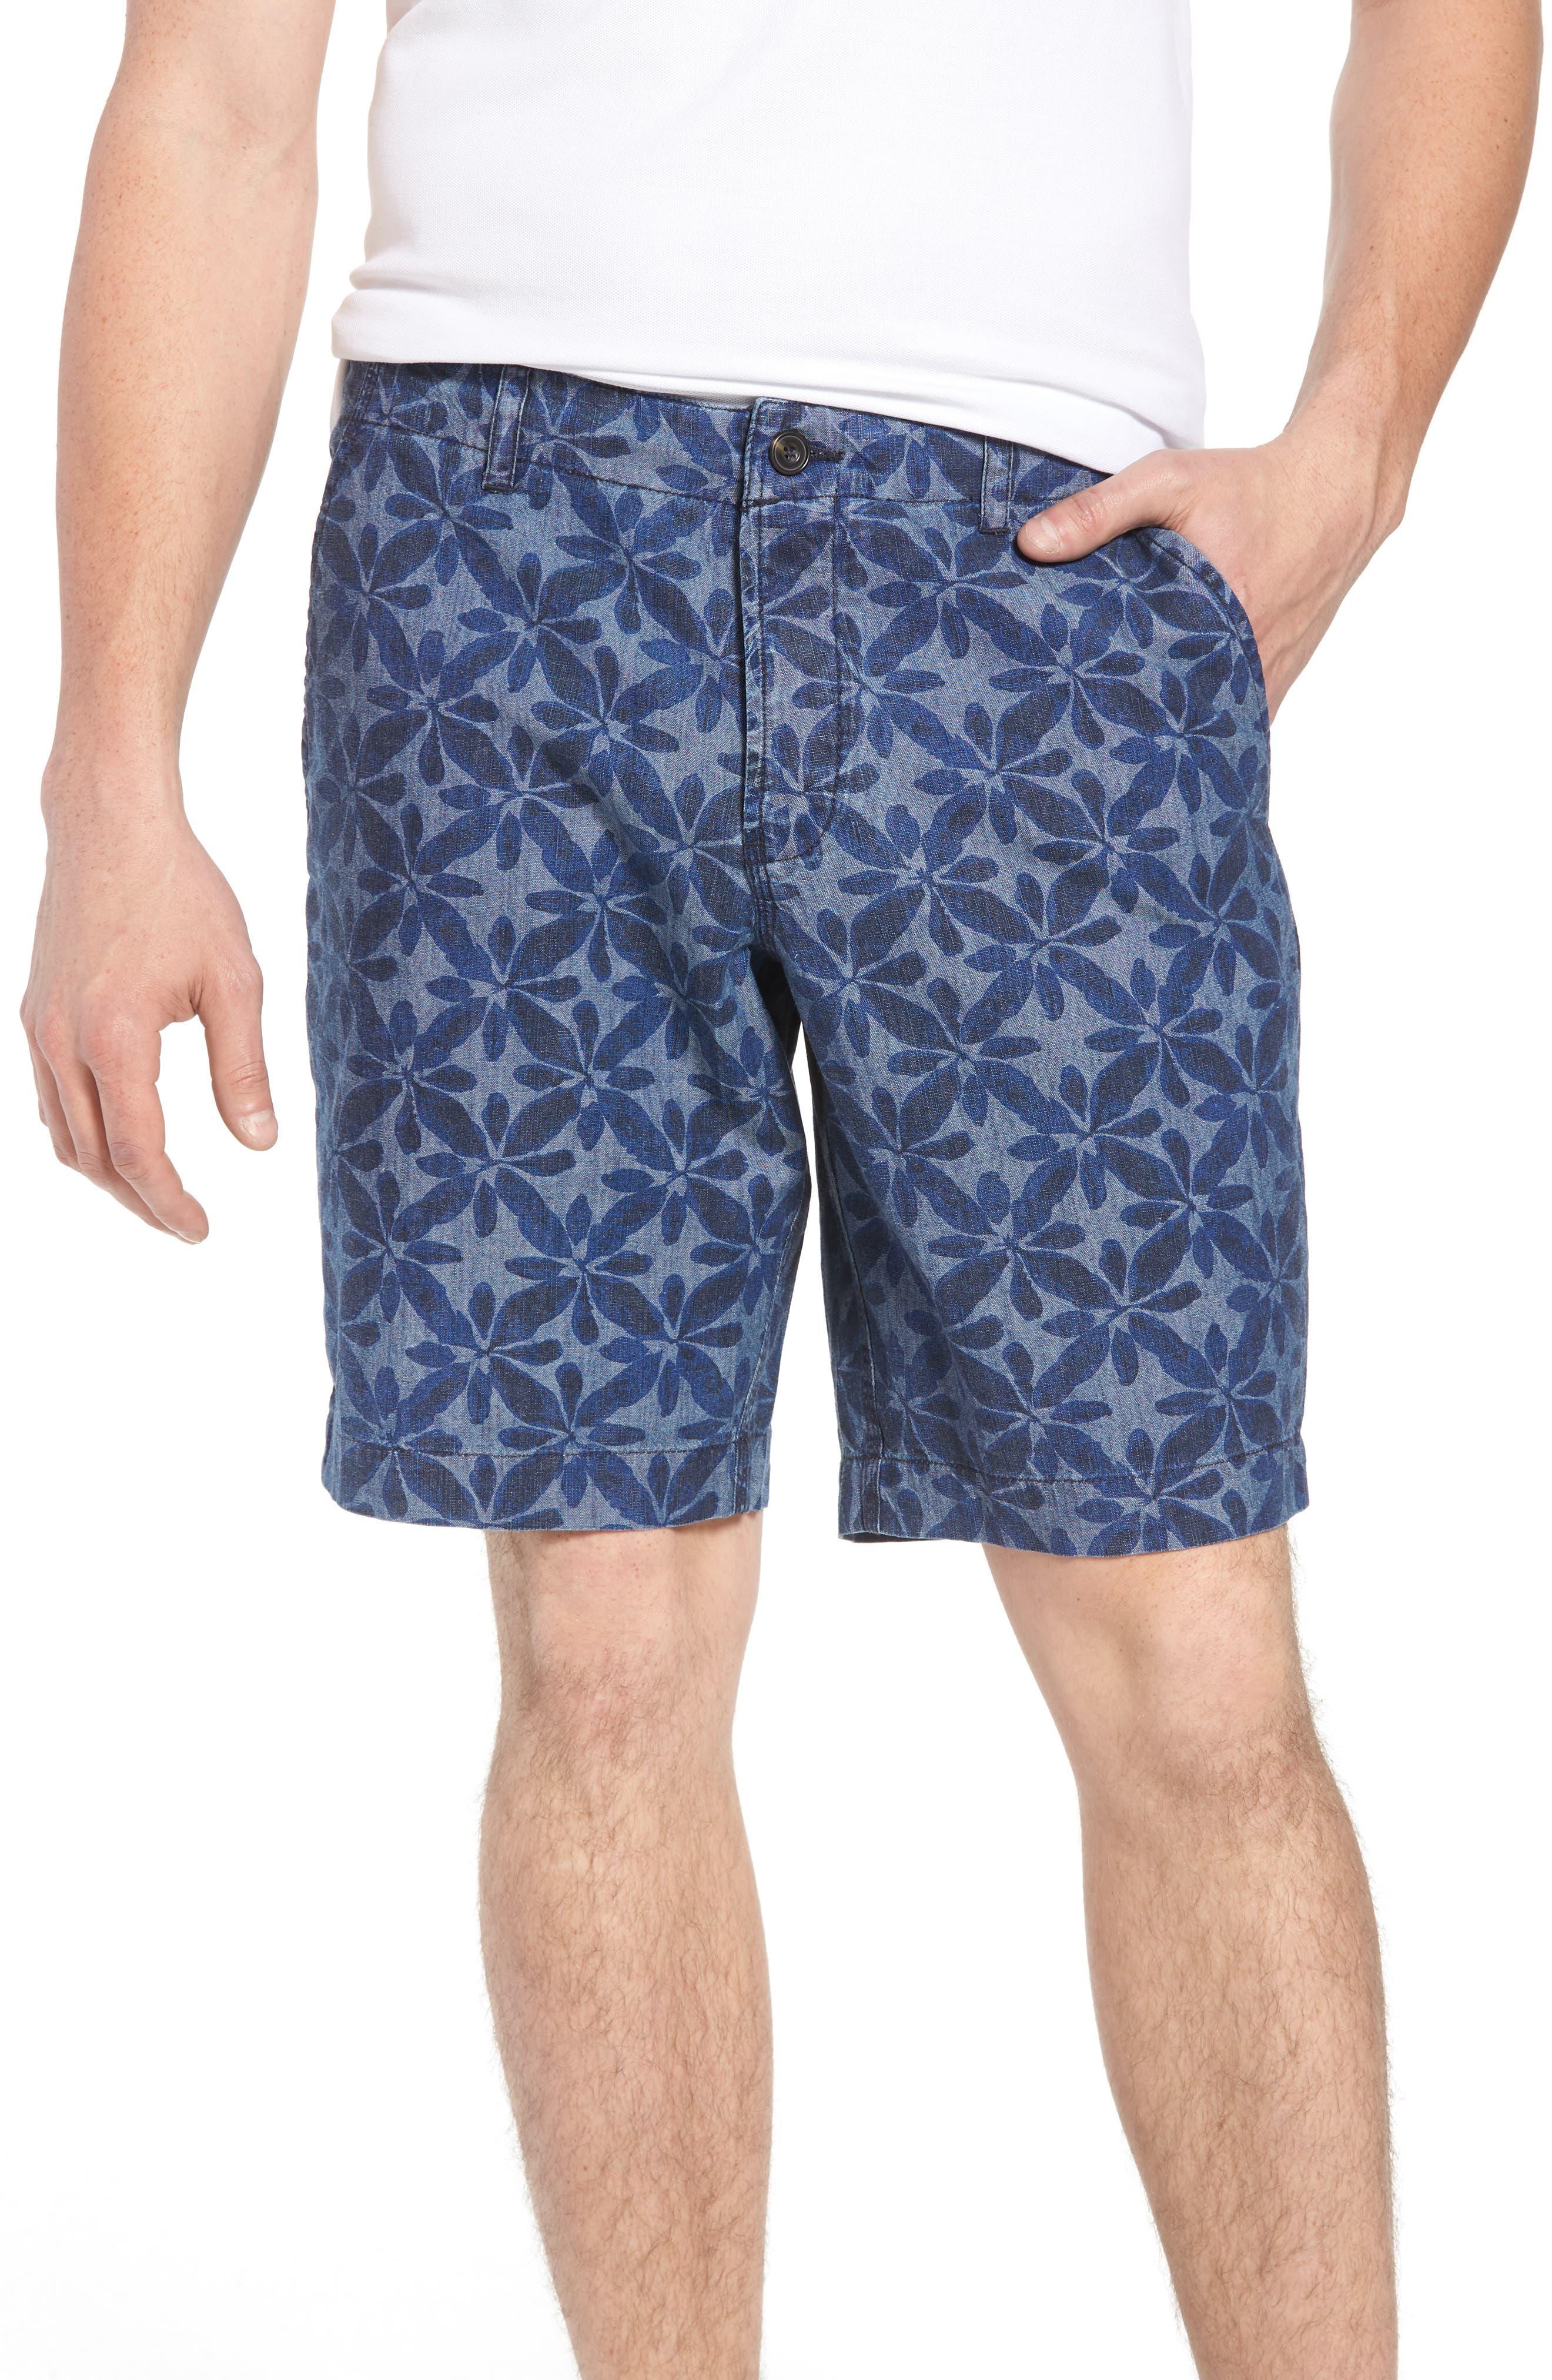 Franju Floral Cotton Shorts,                             Main thumbnail 1, color,                             Rinse And Softener